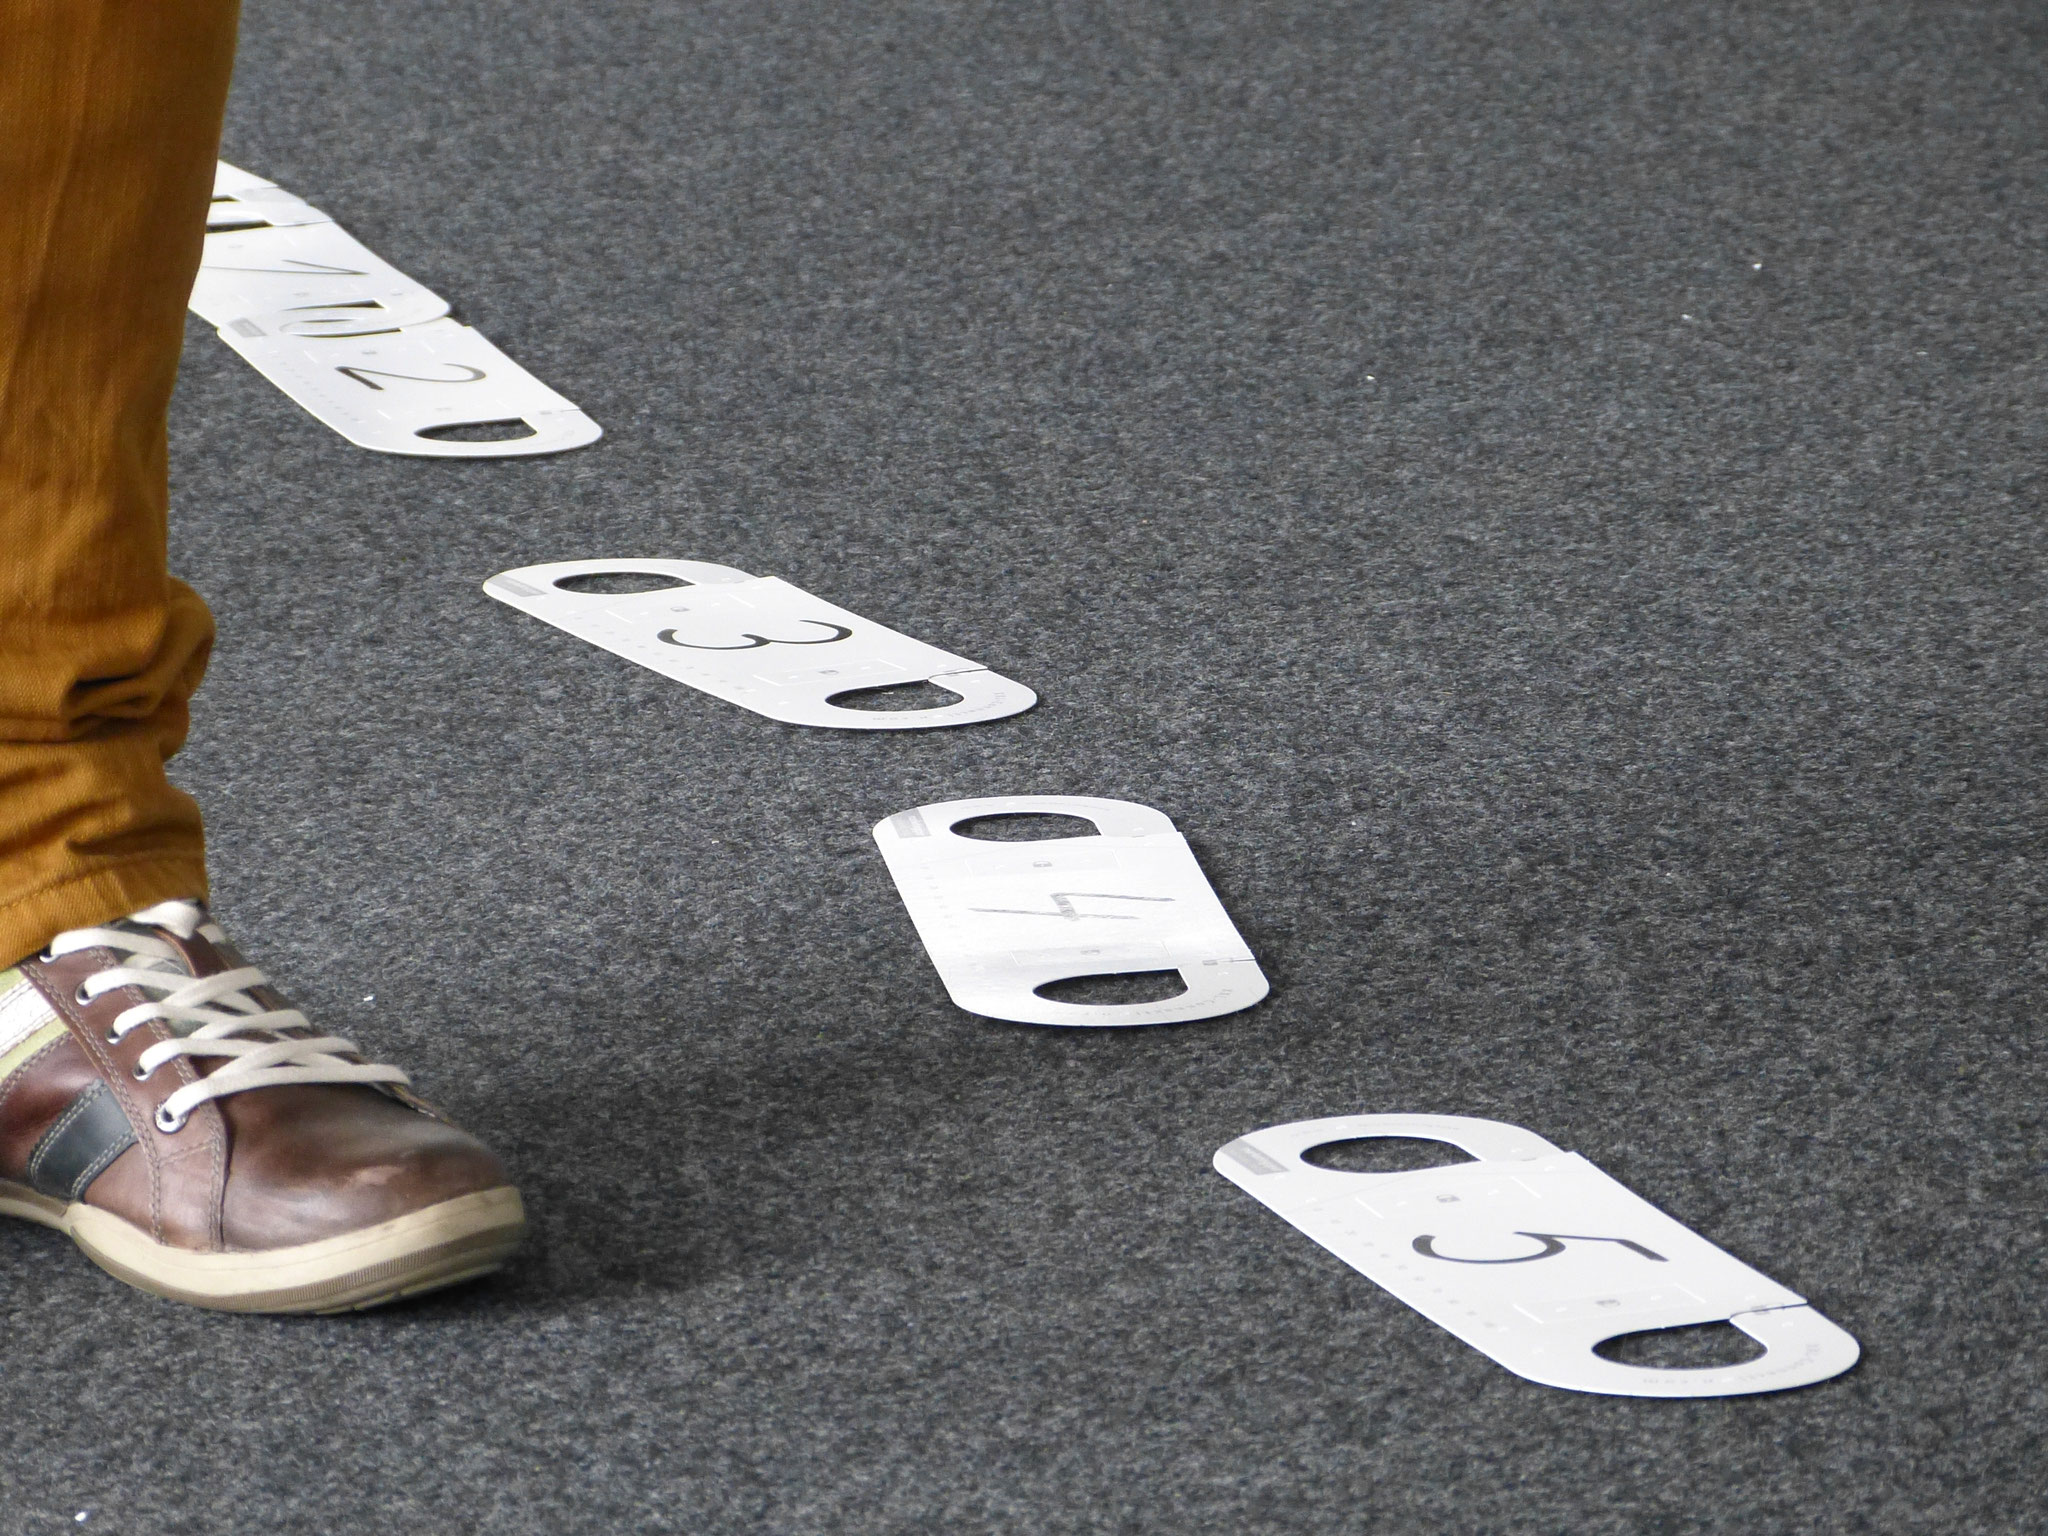 Noch liegen die Ketten-Moderationskarten lose am Boden. Wenn schlüssige Lösungen gefunden werden, dürfen Sie verbunden werden